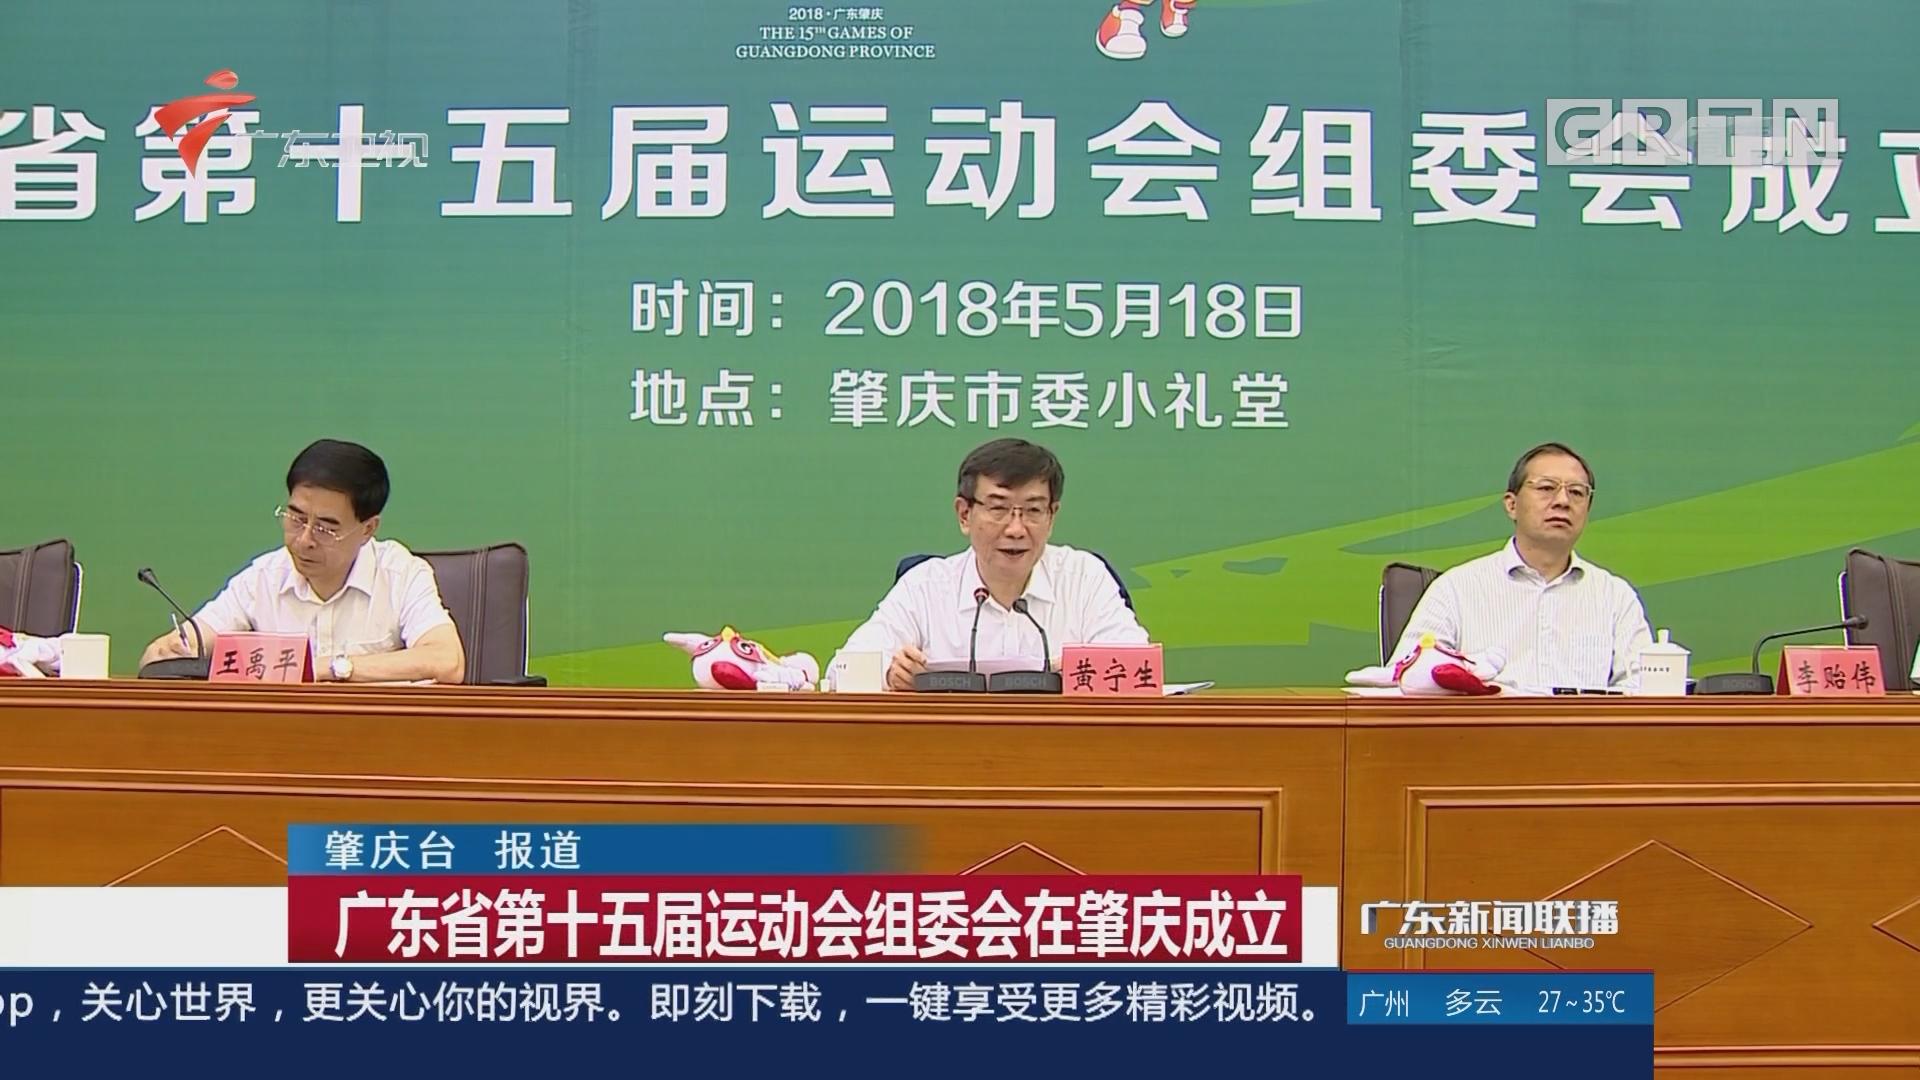 广东省第十五届运动会组委会在肇庆成立